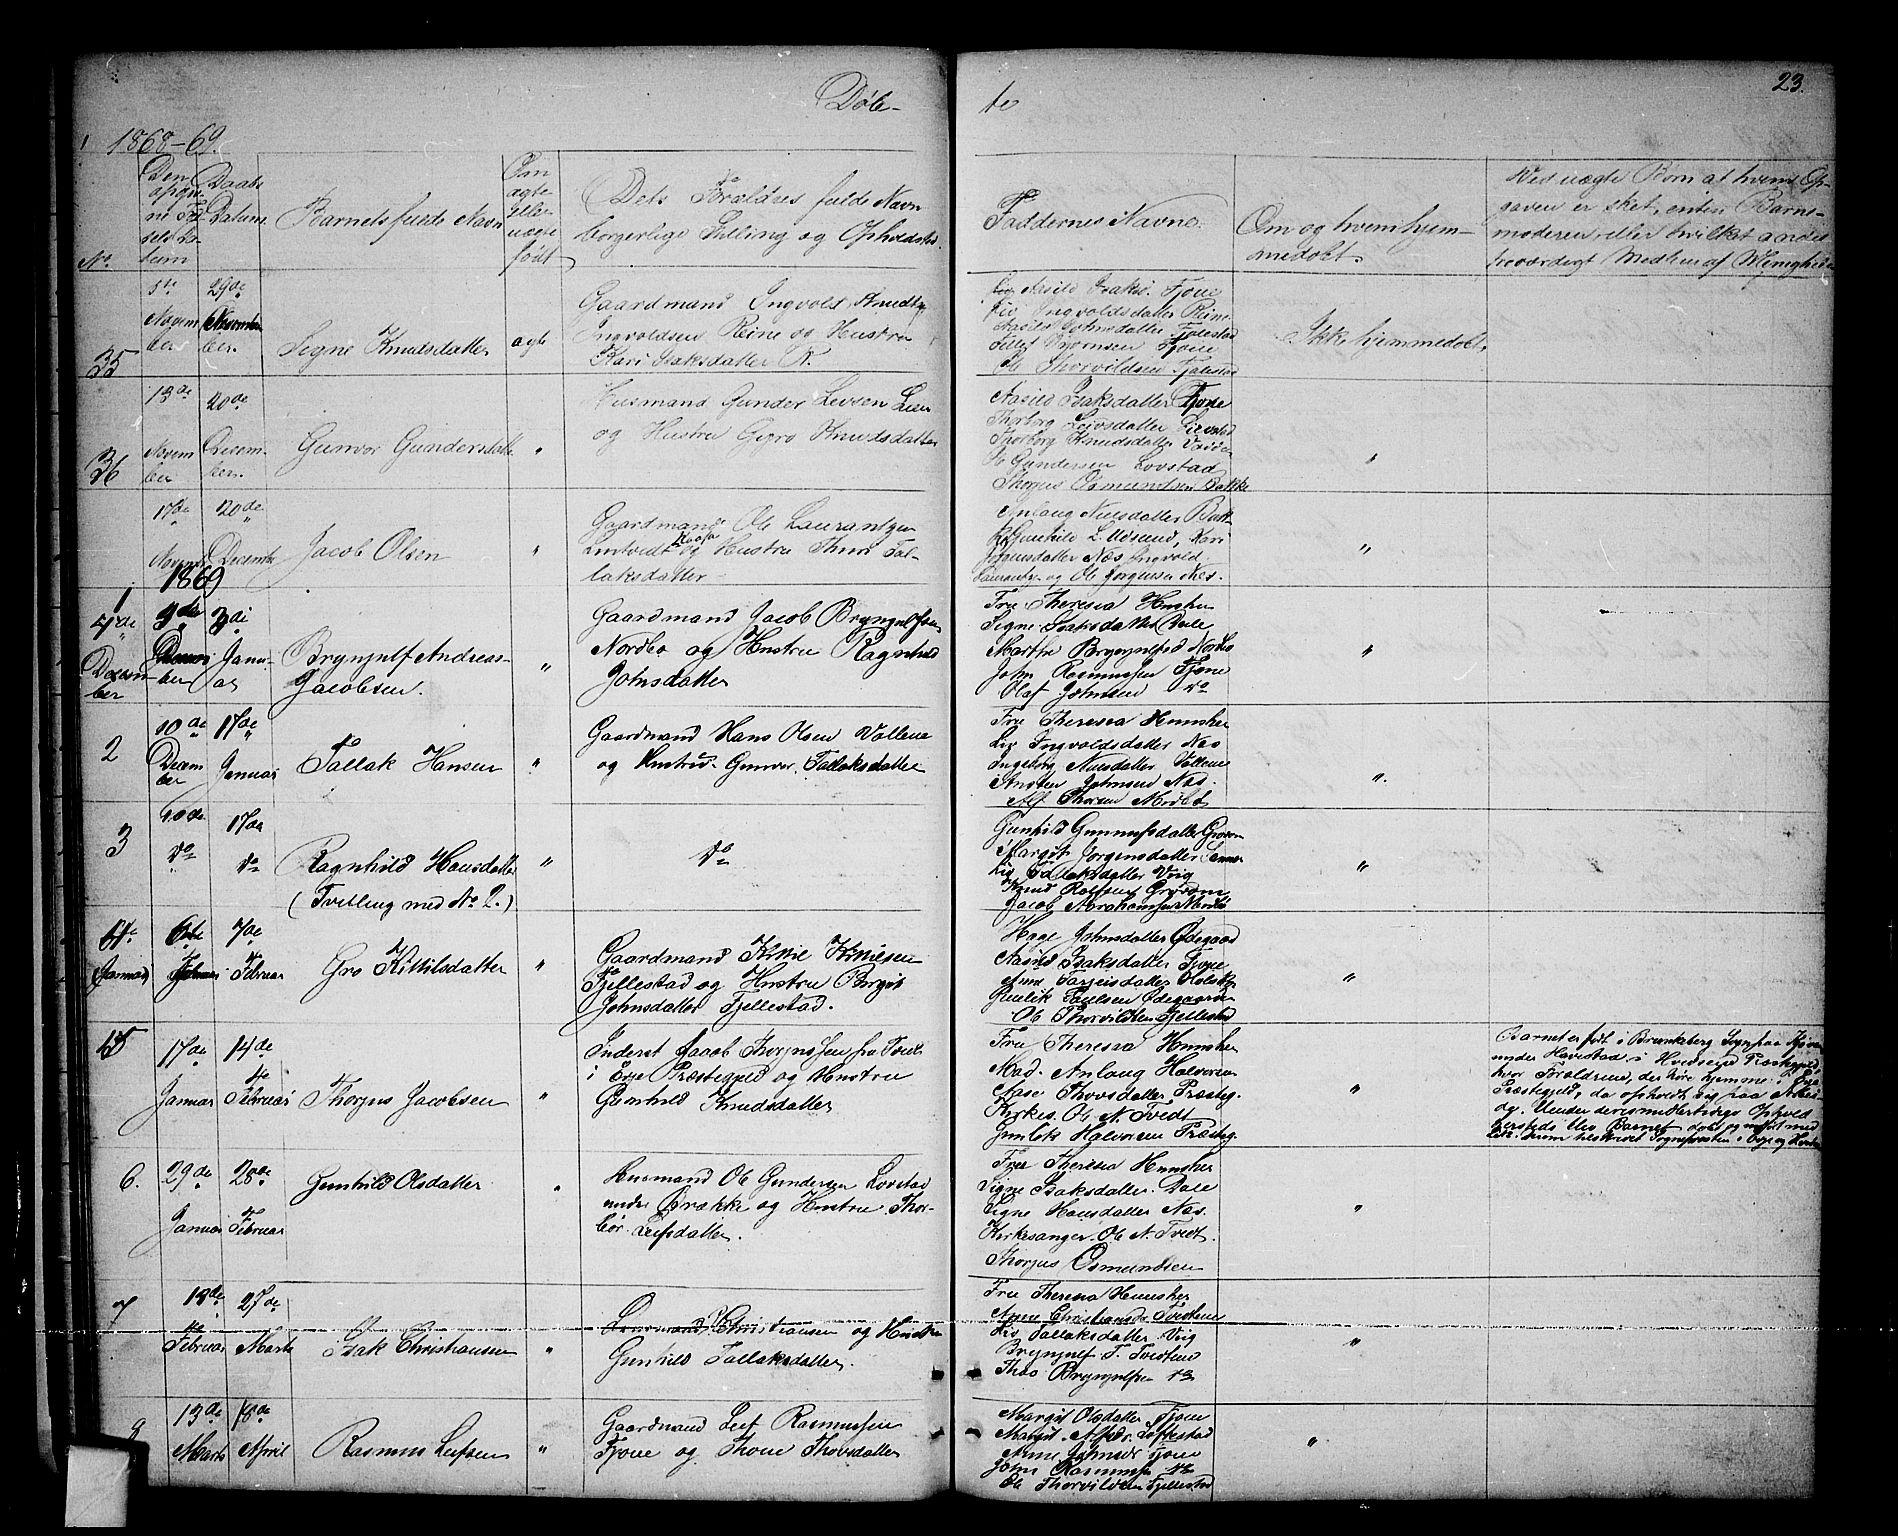 SAKO, Nissedal kirkebøker, G/Ga/L0002: Klokkerbok nr. I 2, 1861-1887, s. 23